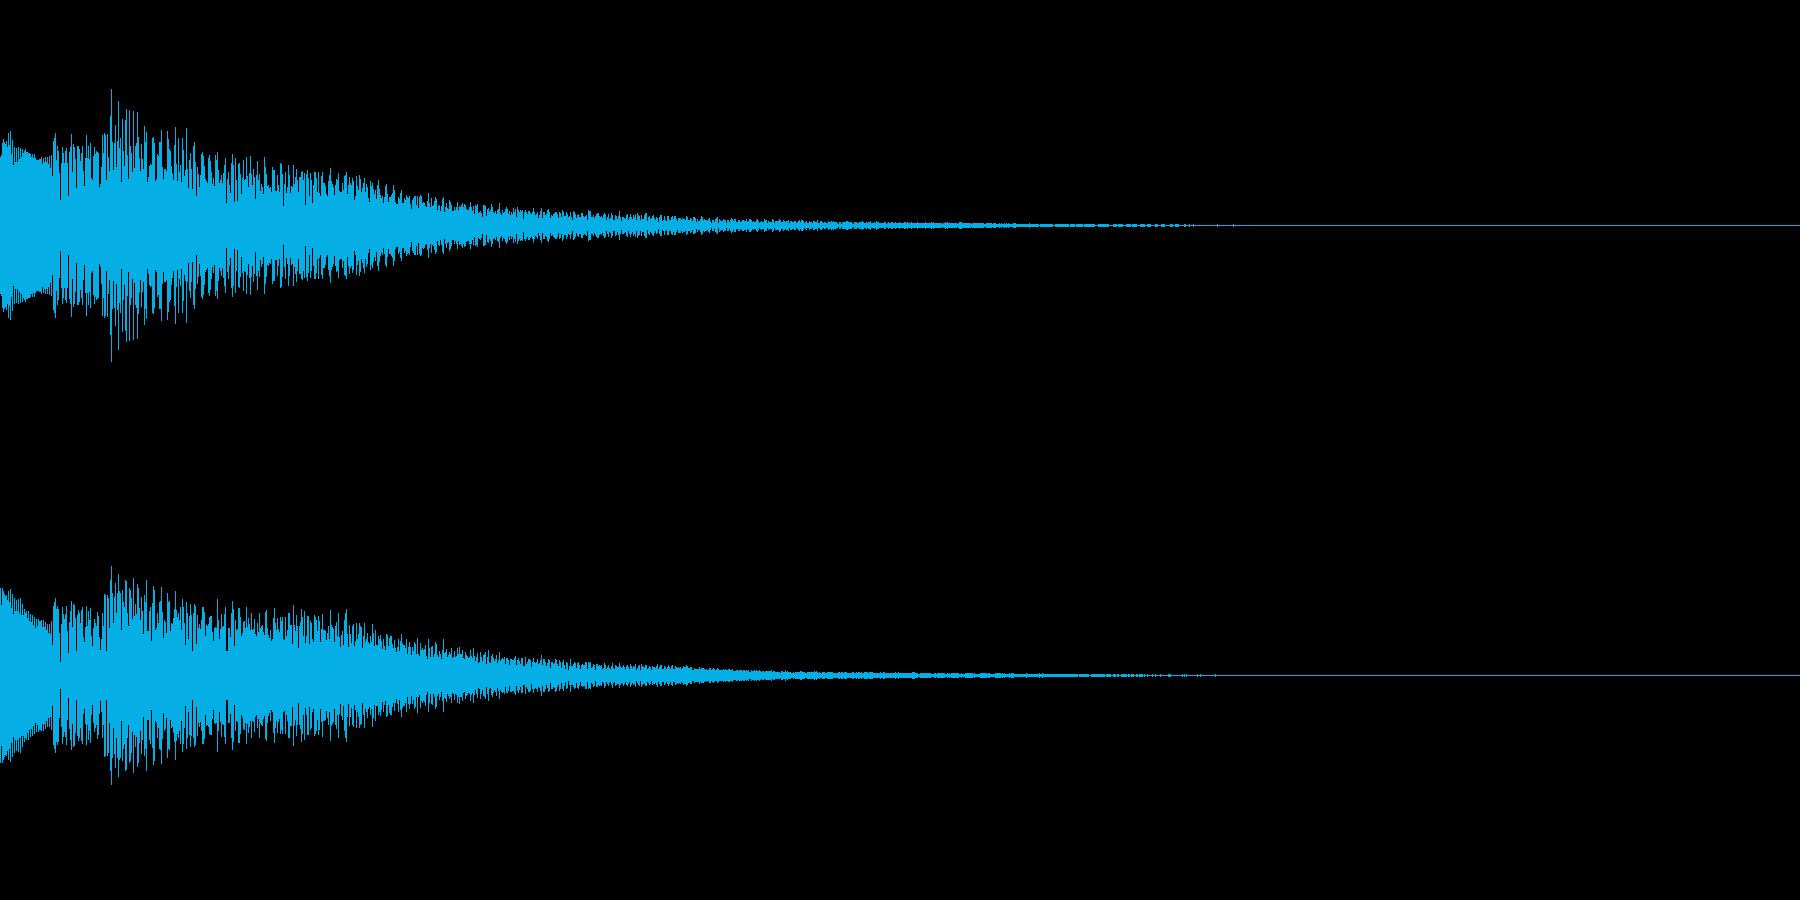 綺麗なボタン音04の再生済みの波形